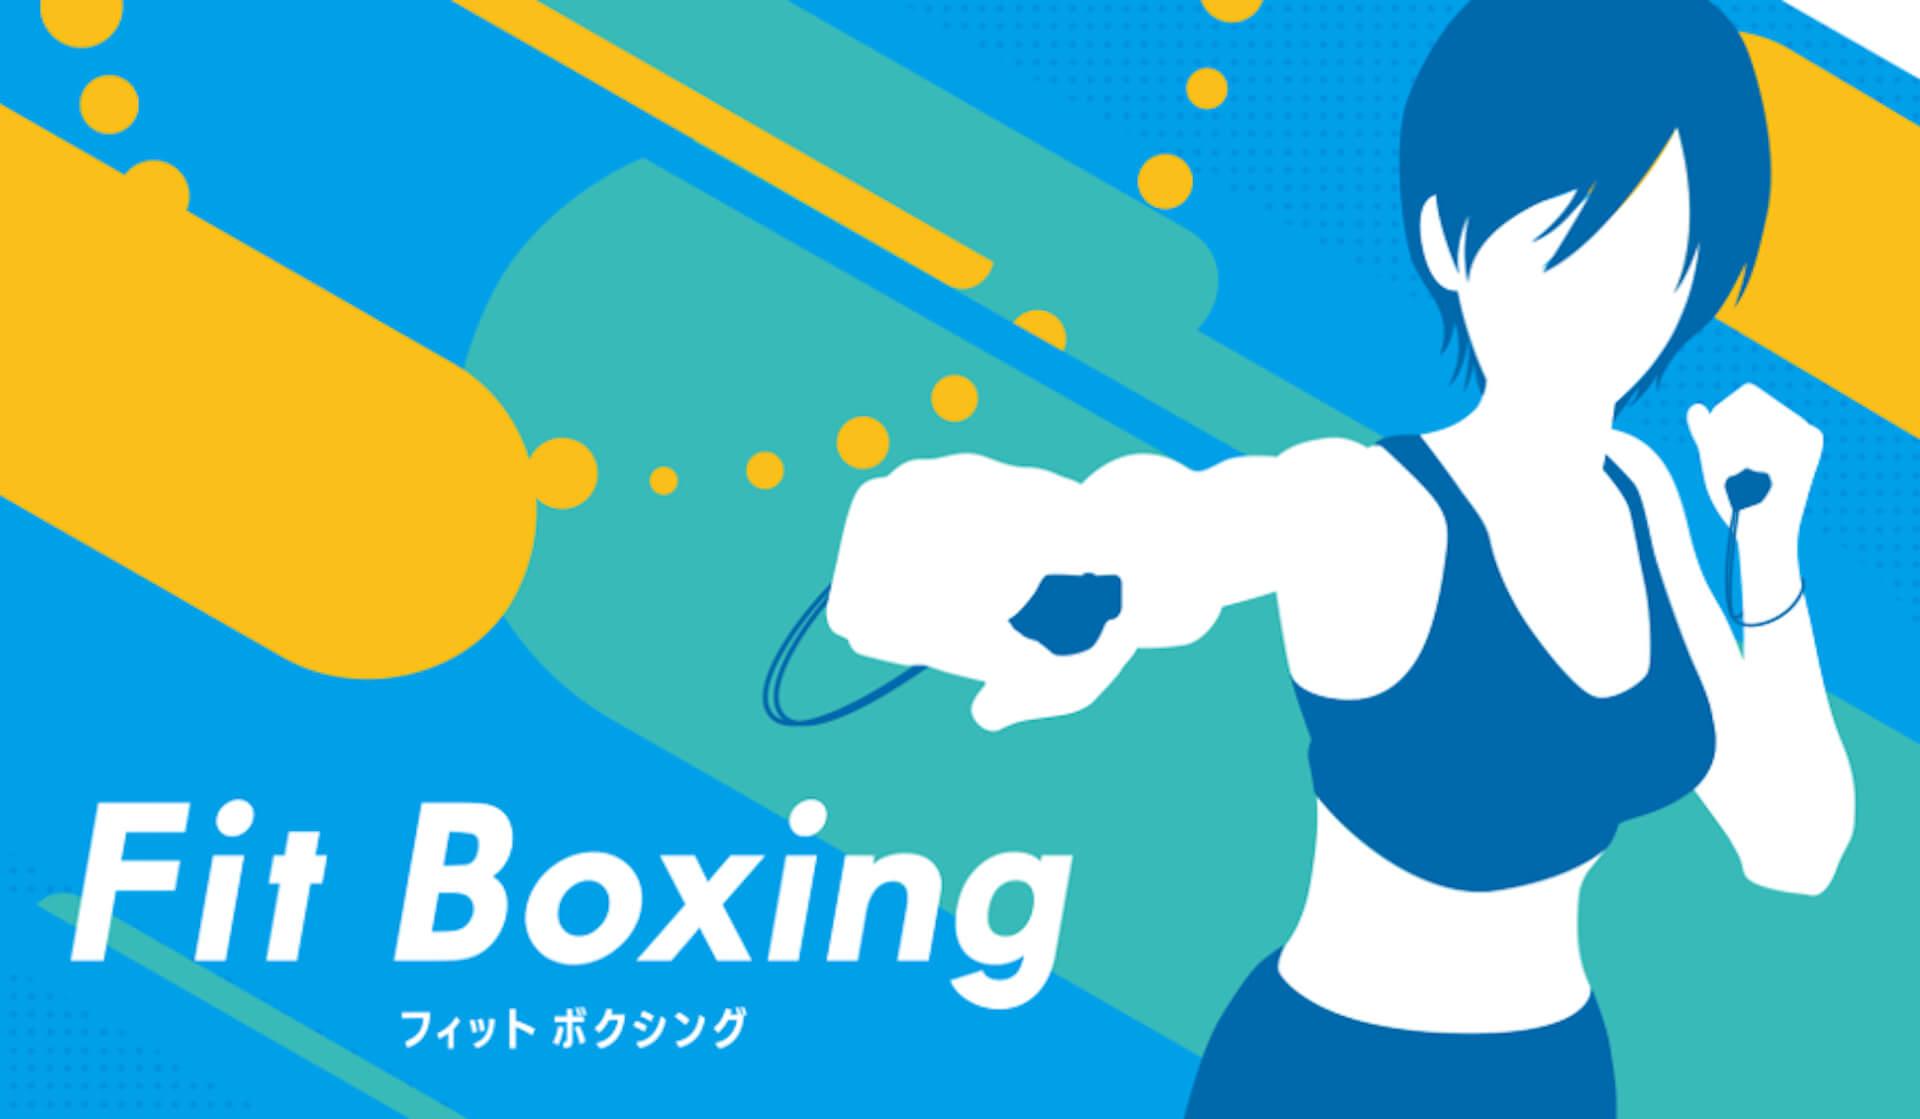 Netflixで配信中のアニメ『バキ』とNintendo Switch人気ソフト『Fit Boxing』がまさかのコラボ!「100万発のパンチを叩き込め!」Twitterキャンペーンが開催 tech200716_baki_fitboxing_1